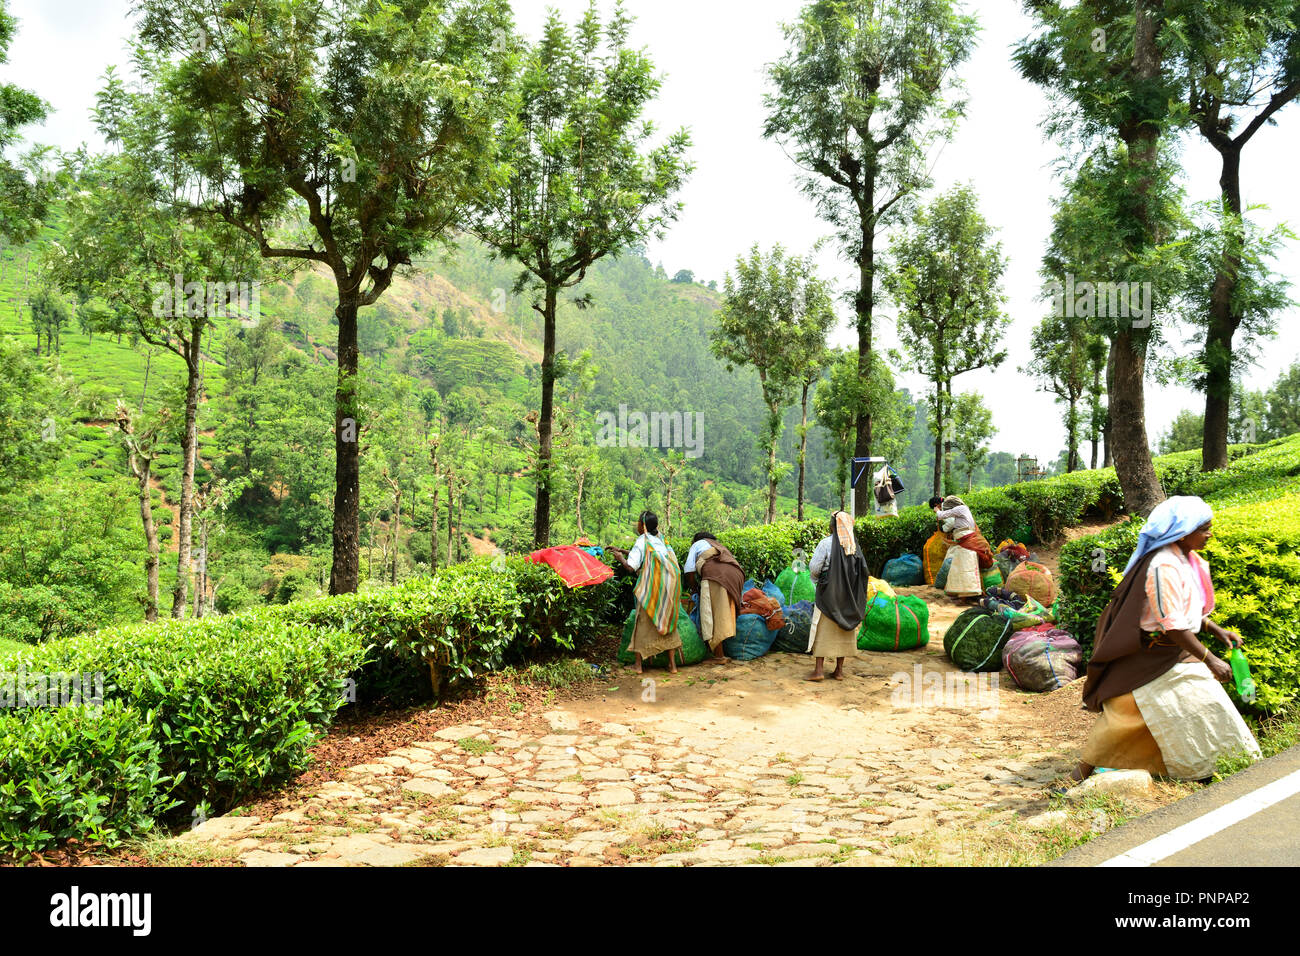 Munnar, Kerala, India, Tea garden & Labourers - Stock Image